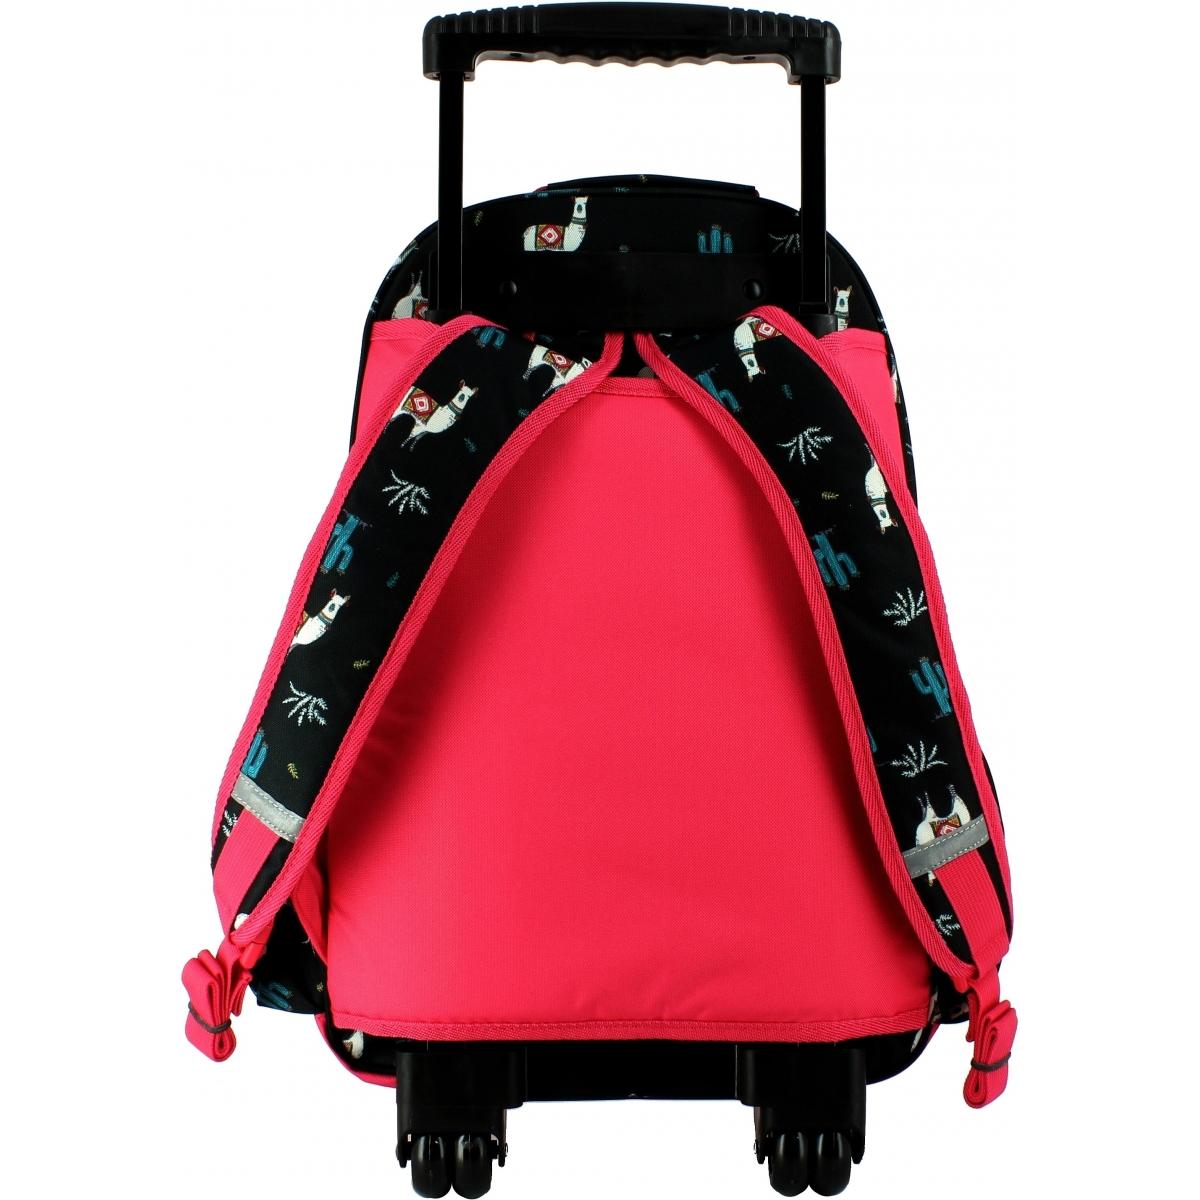 sac dos scolaire roulettes roxy p03024kvj7 couleur principale assortis promotion. Black Bedroom Furniture Sets. Home Design Ideas